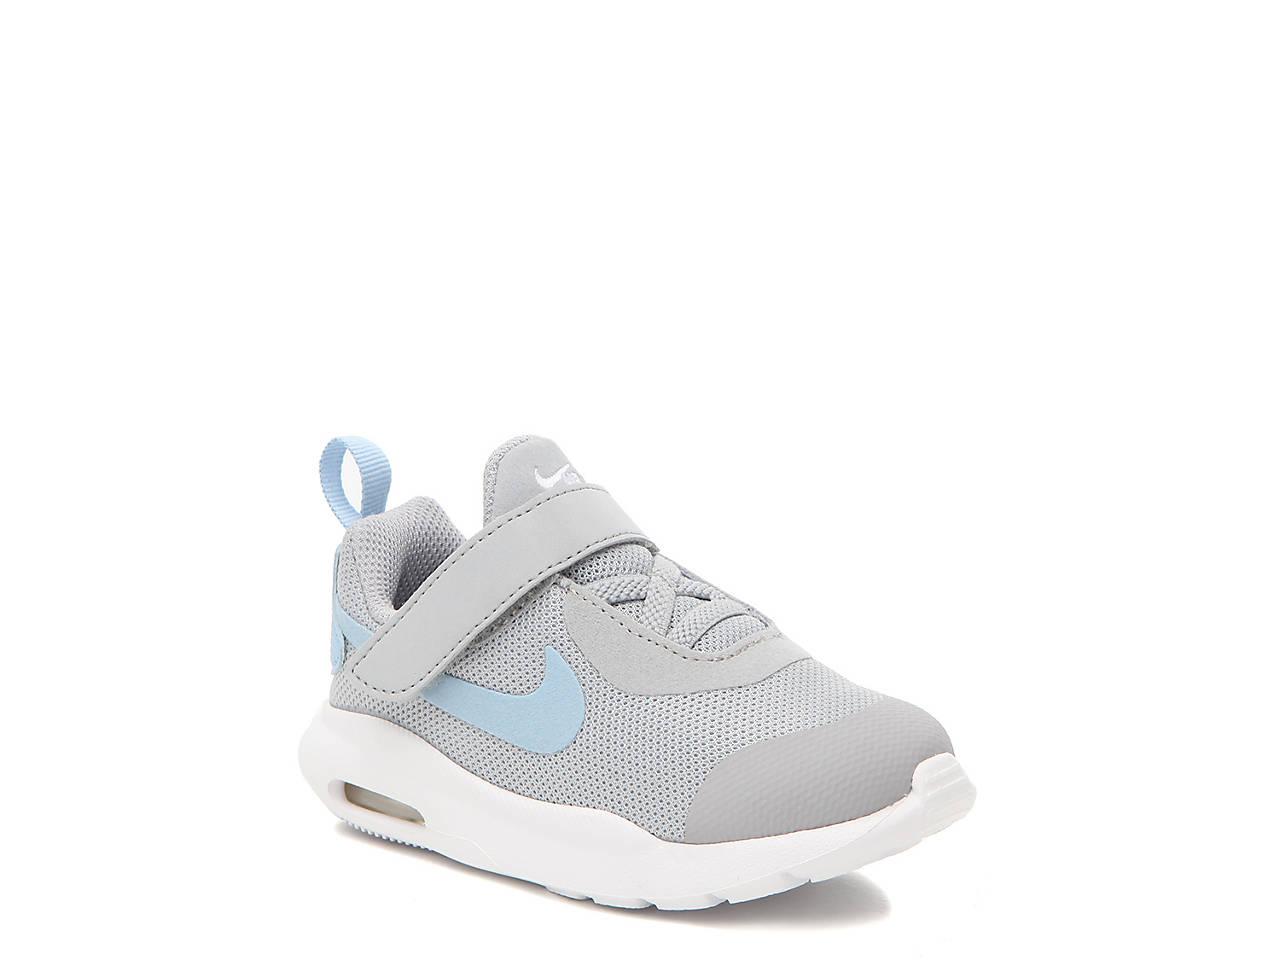 best cheap 0d1b9 93504 Air Max Oketo Infant   Toddler Sneaker